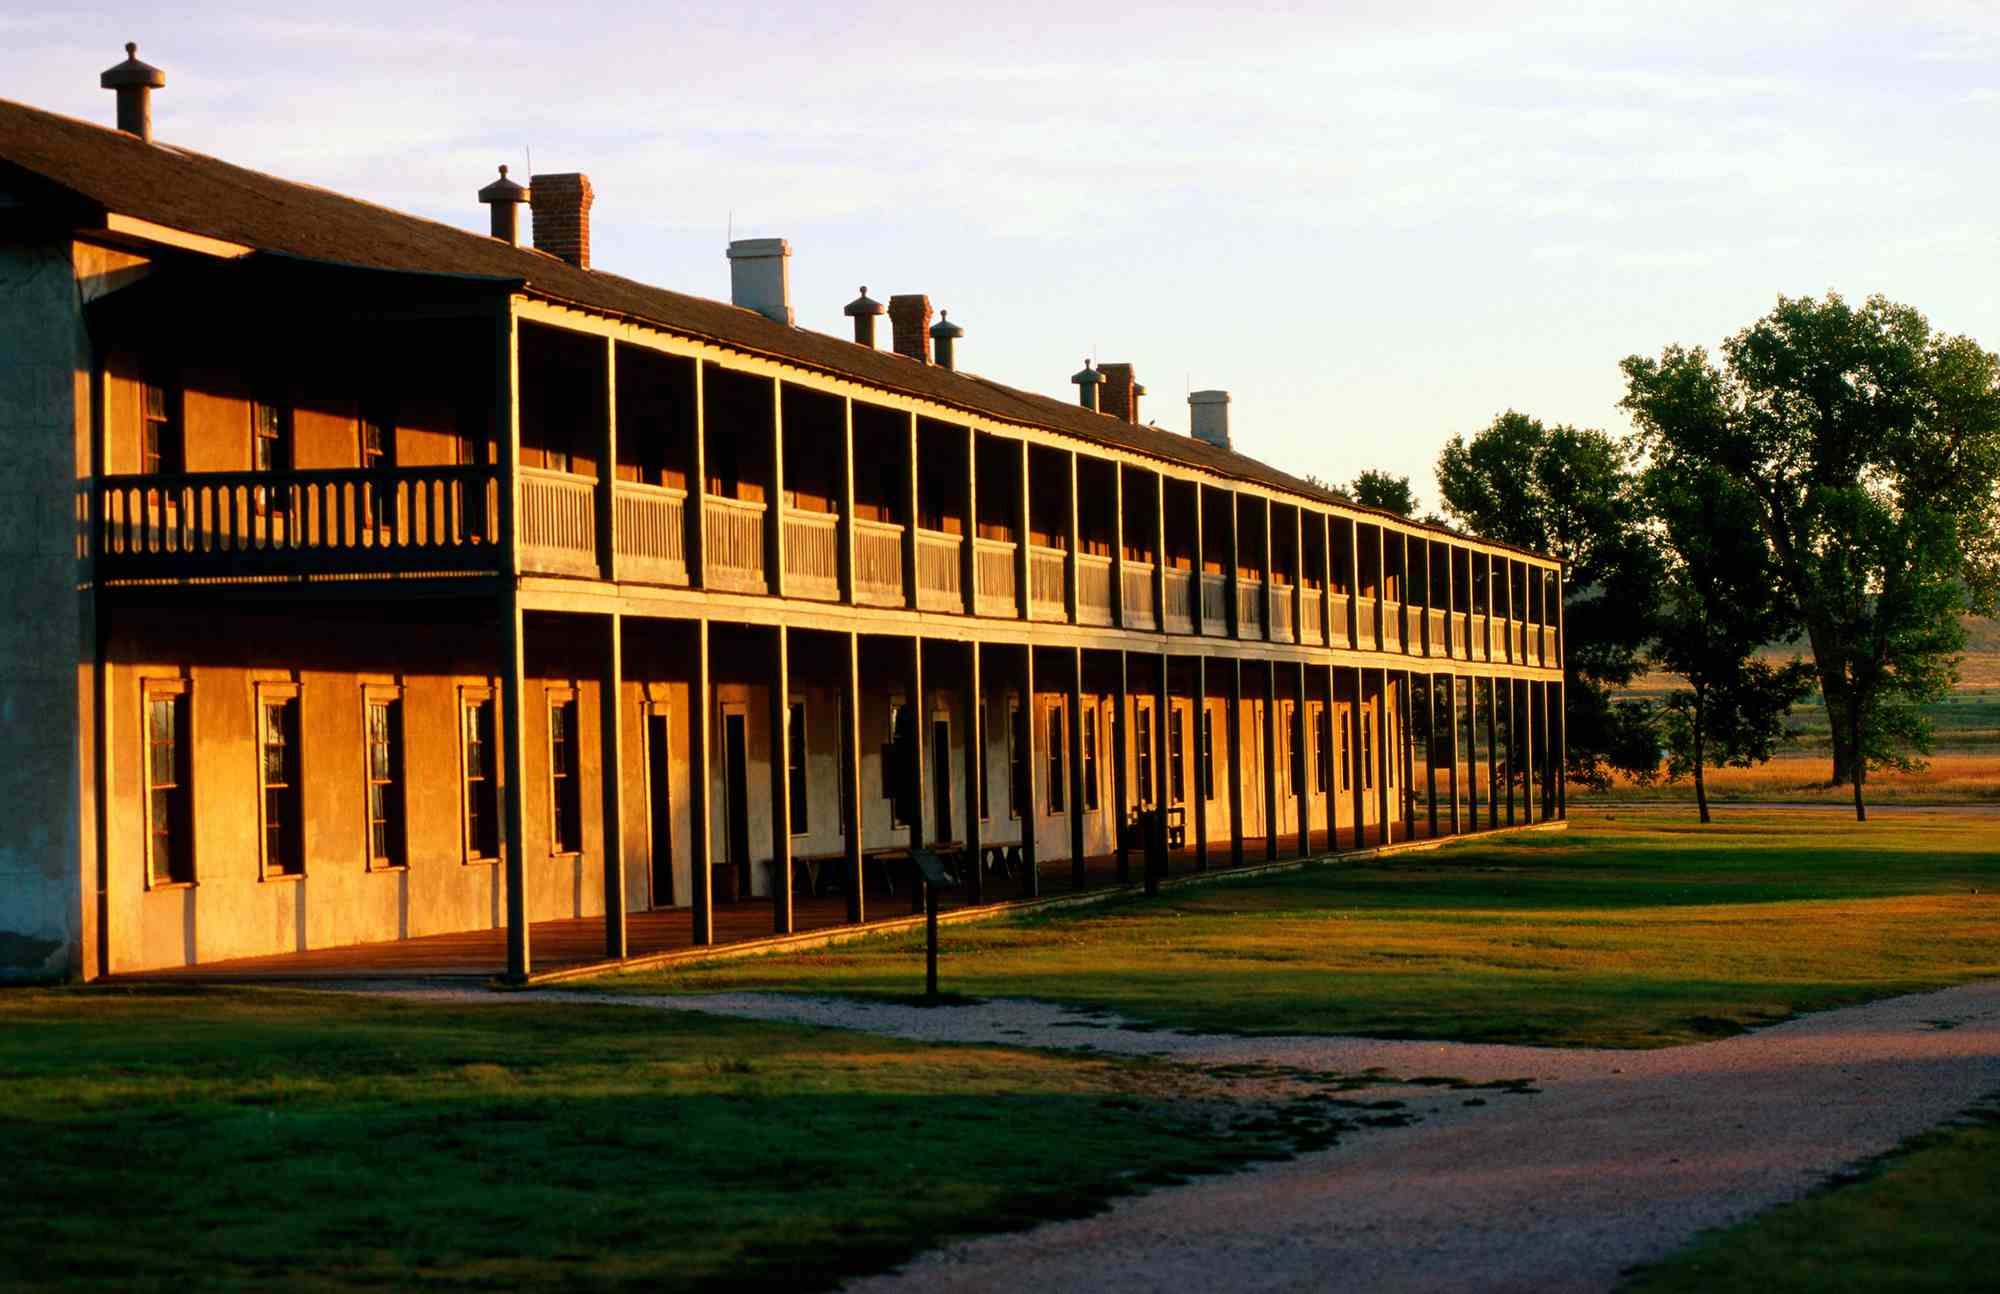 Cuarteles de caballería en el sitio histórico nacional Fort Laramie